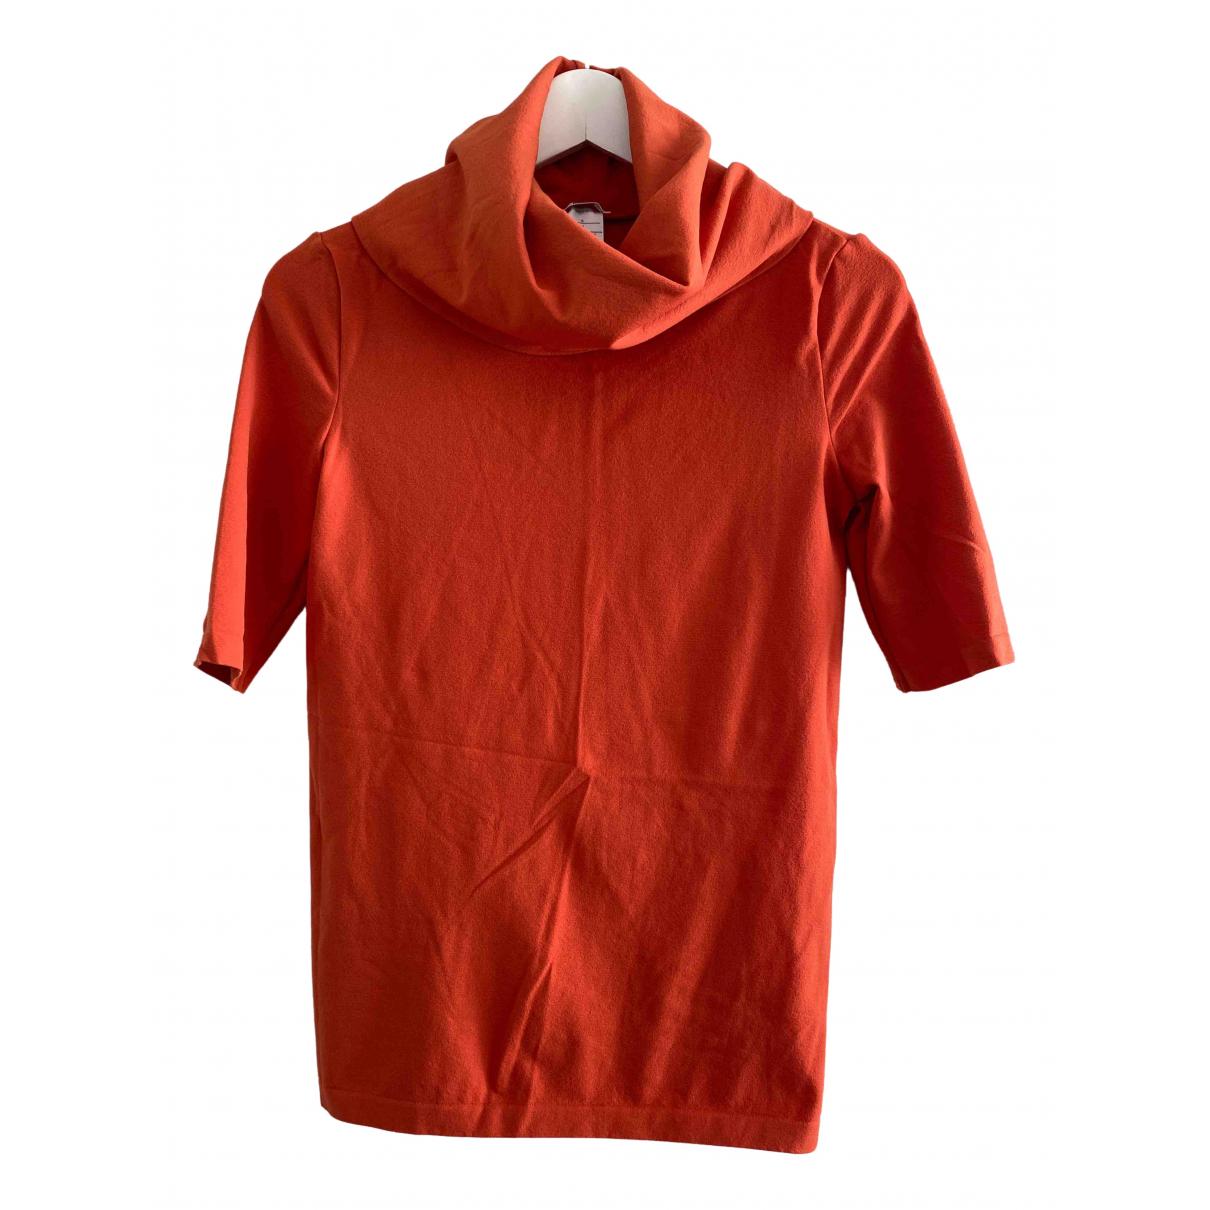 Wolford \N Orange Knitwear for Women S International